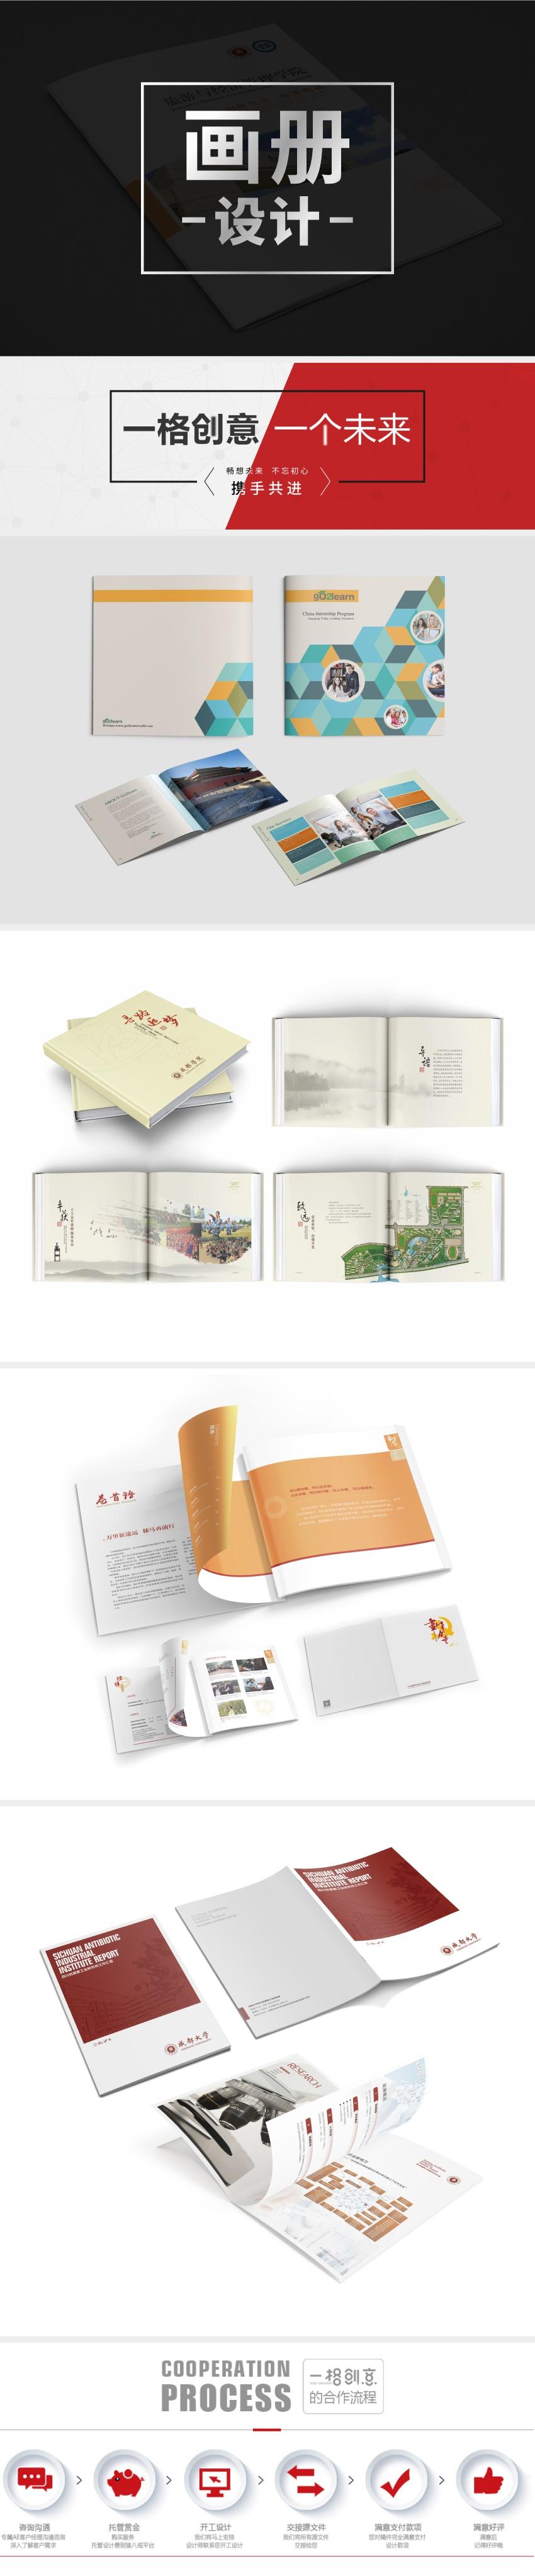 【一格创意设计工作室】画册合计 宣传单设计 折页设计 宣传品设计_技能专长>>图形动画>>平面设计